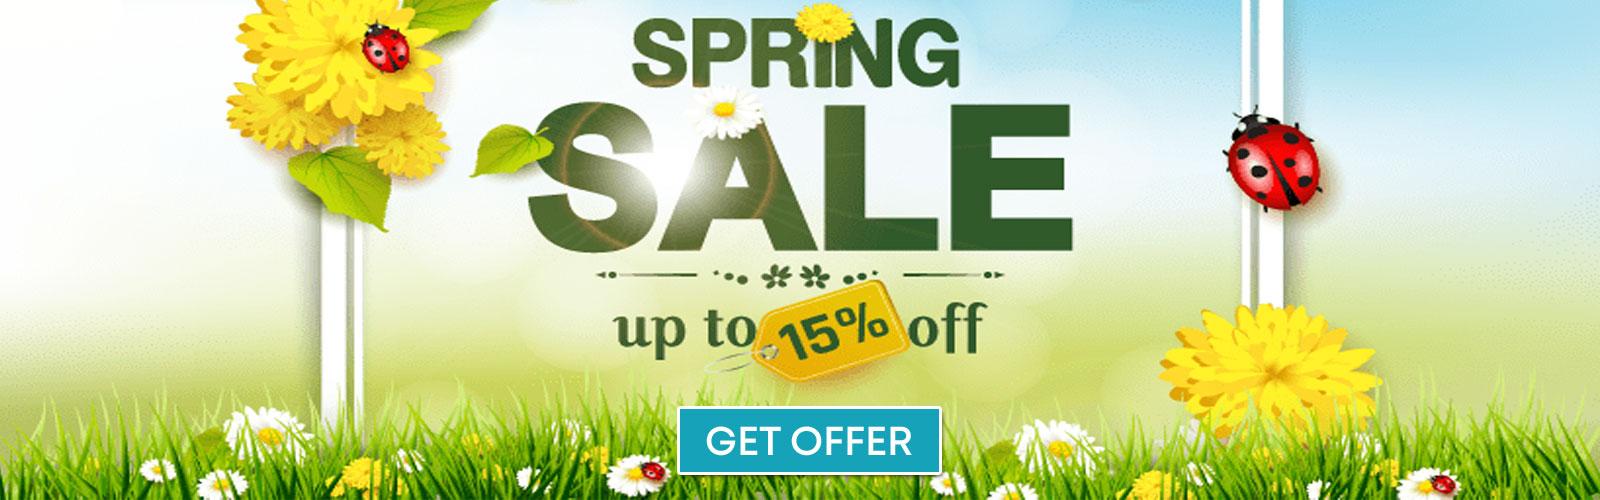 Get Spring Sale Offer